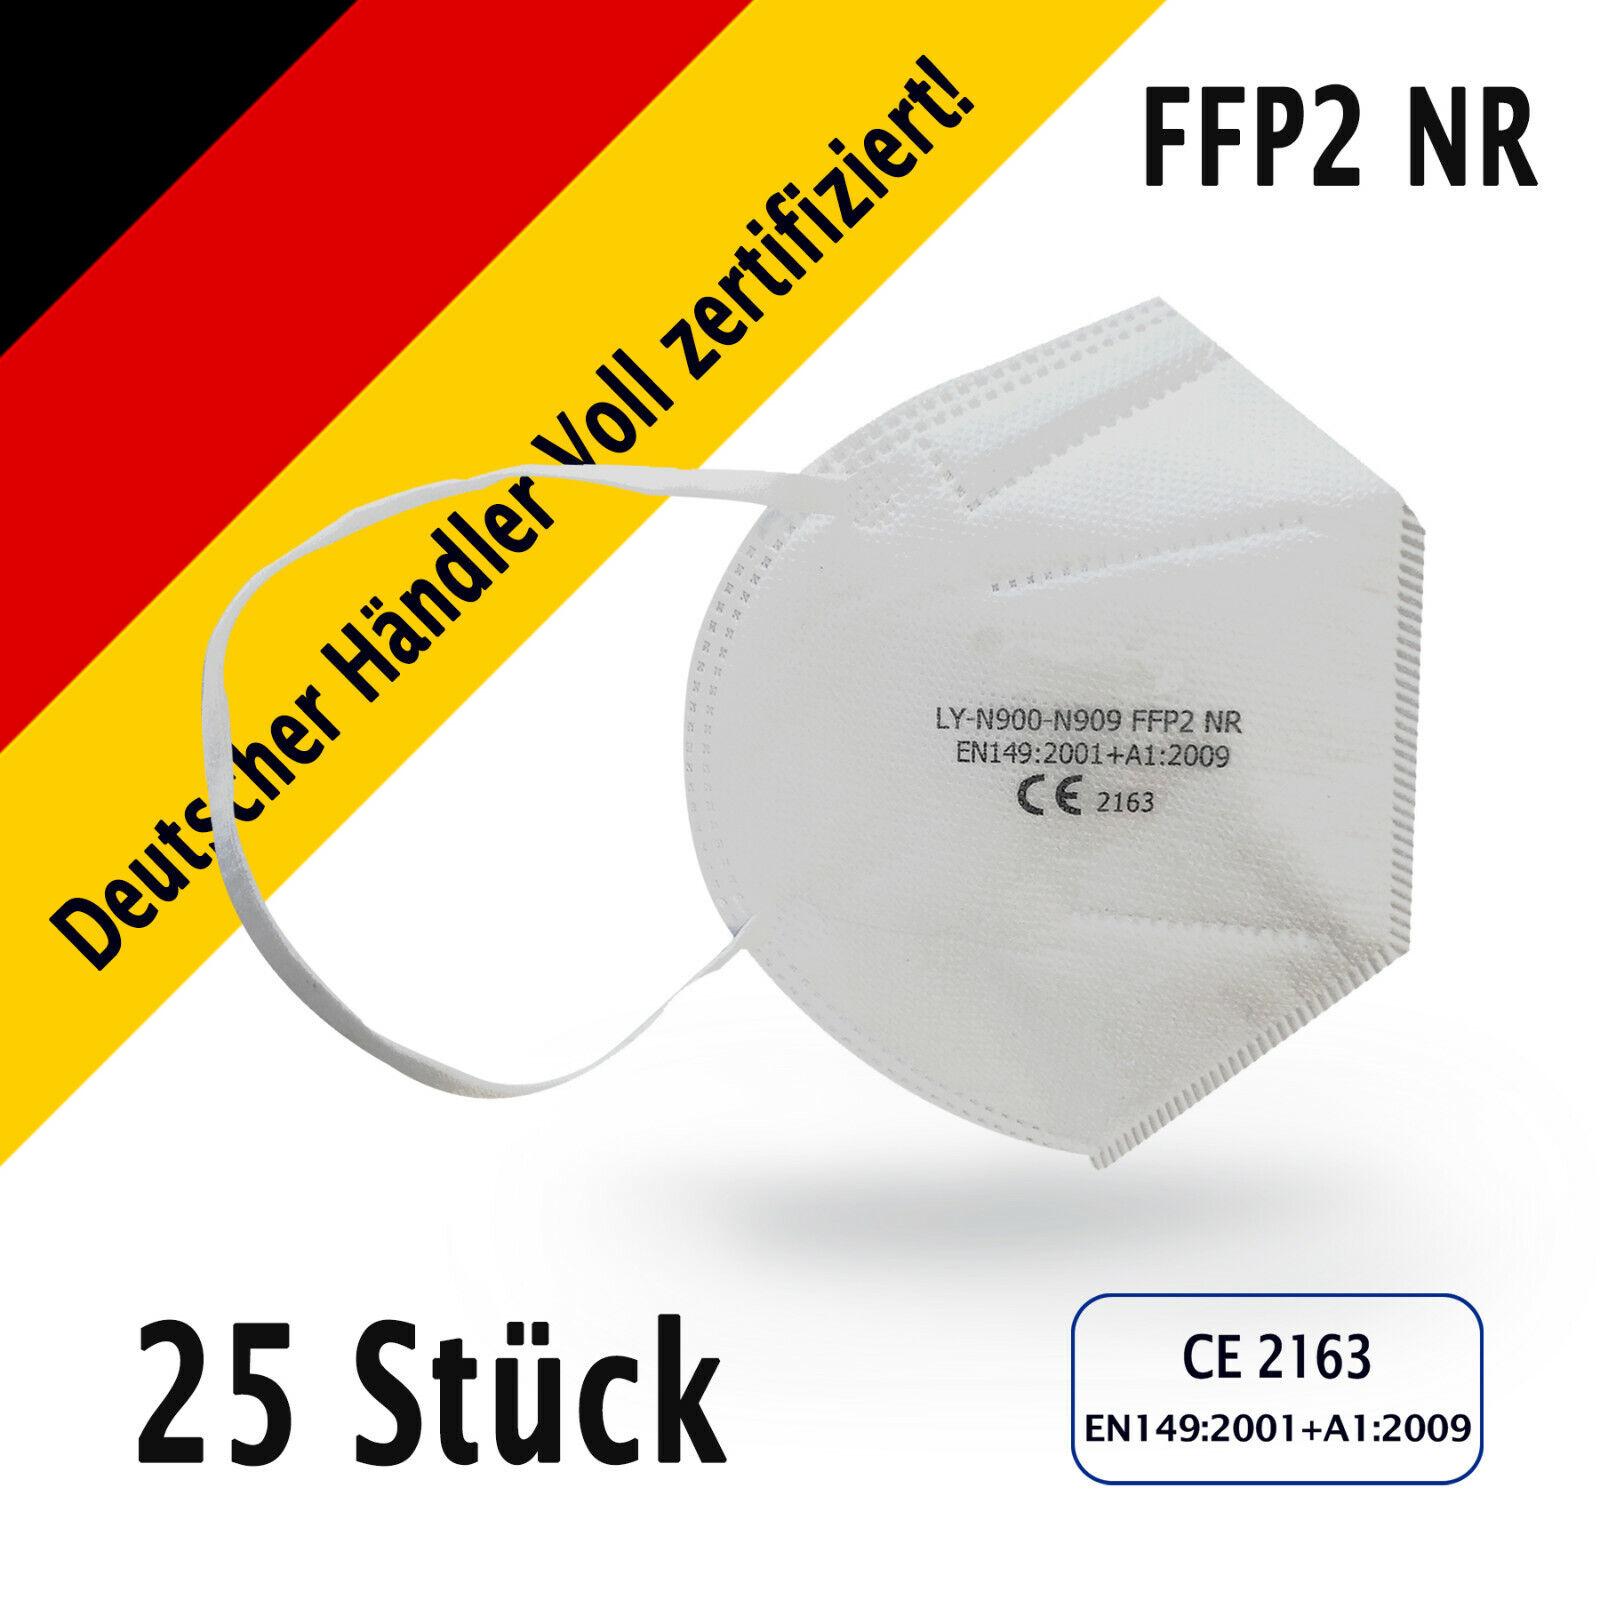 25 x FFP2 NR Maske Mundschutz Masken Atemschutz 5-lagig CE Voll Zertifikat